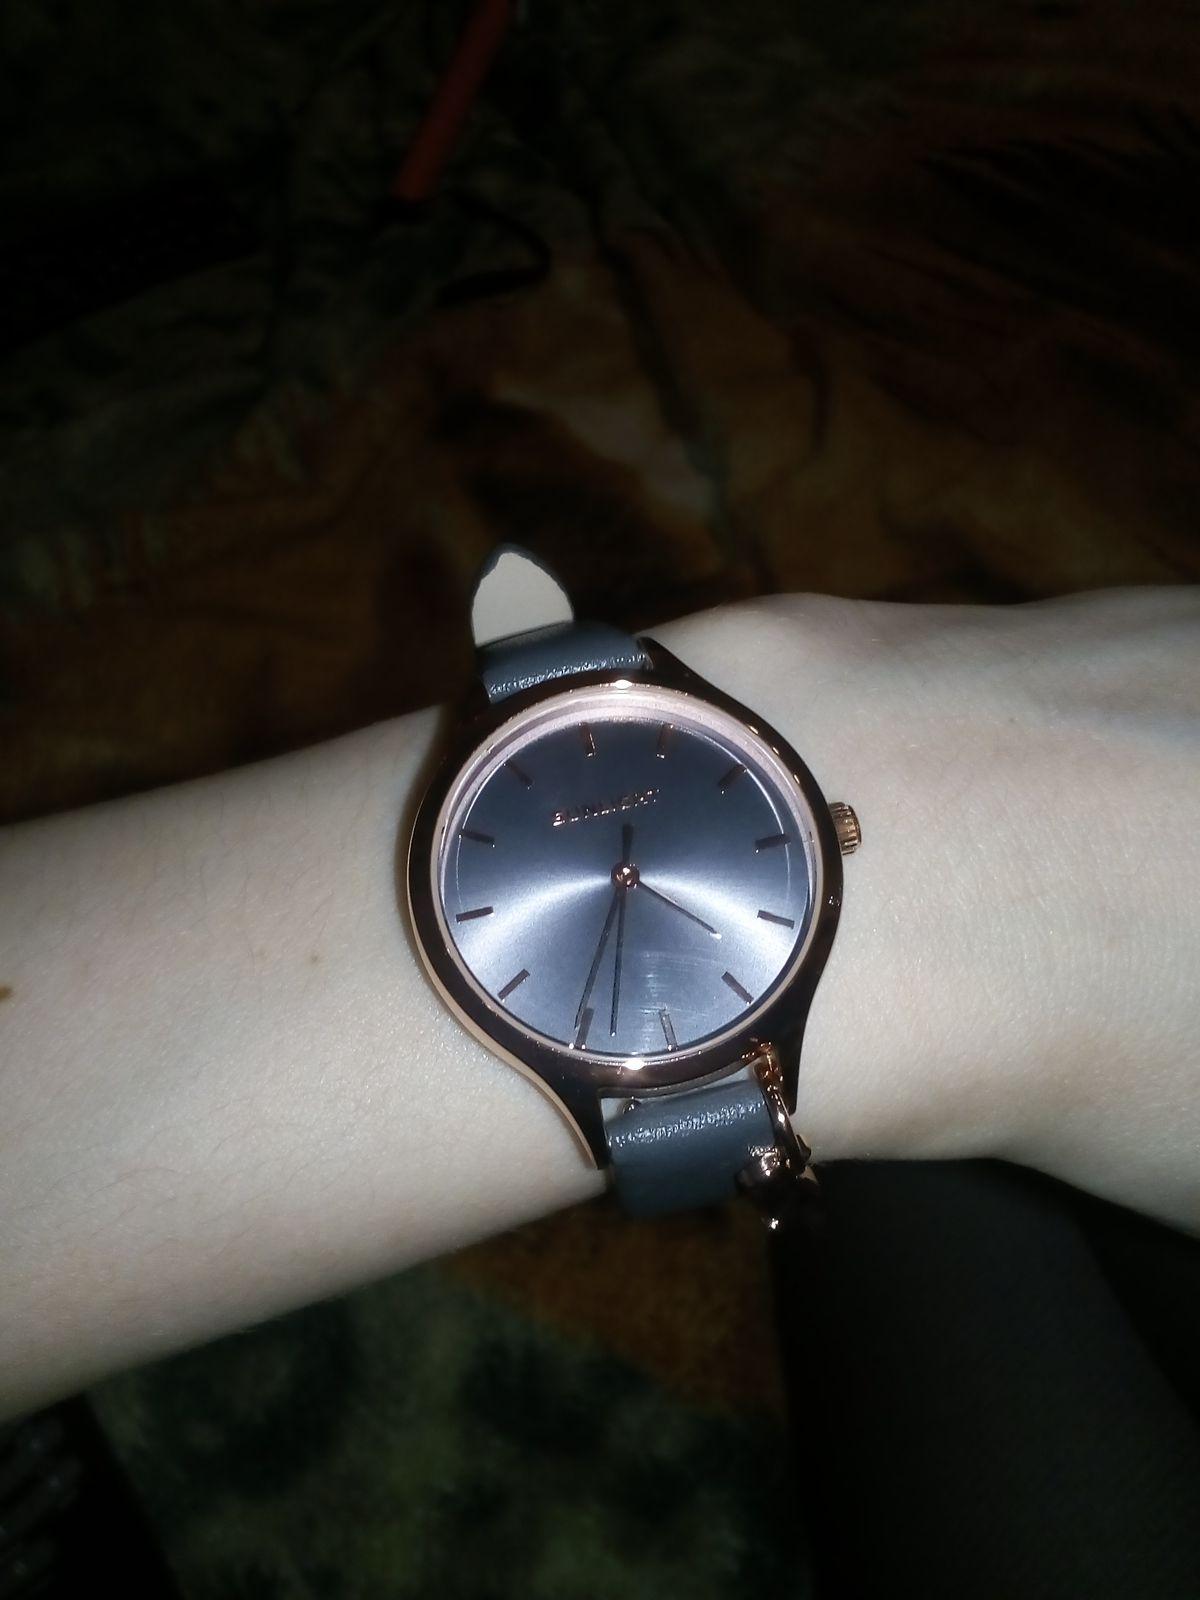 Часики мне в подарок